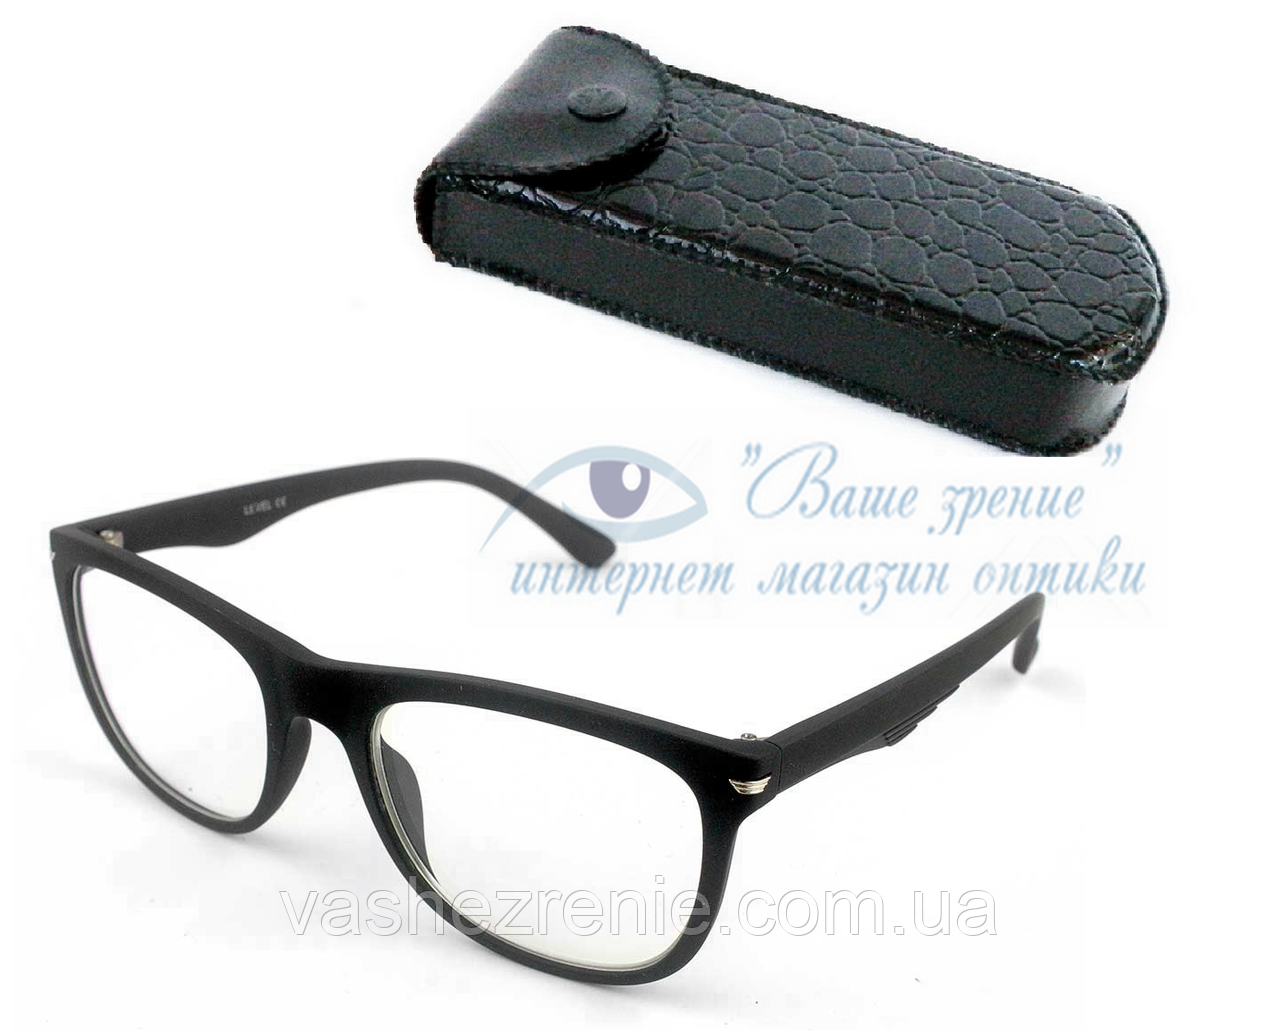 Комп'ютерні окуляри Код:485